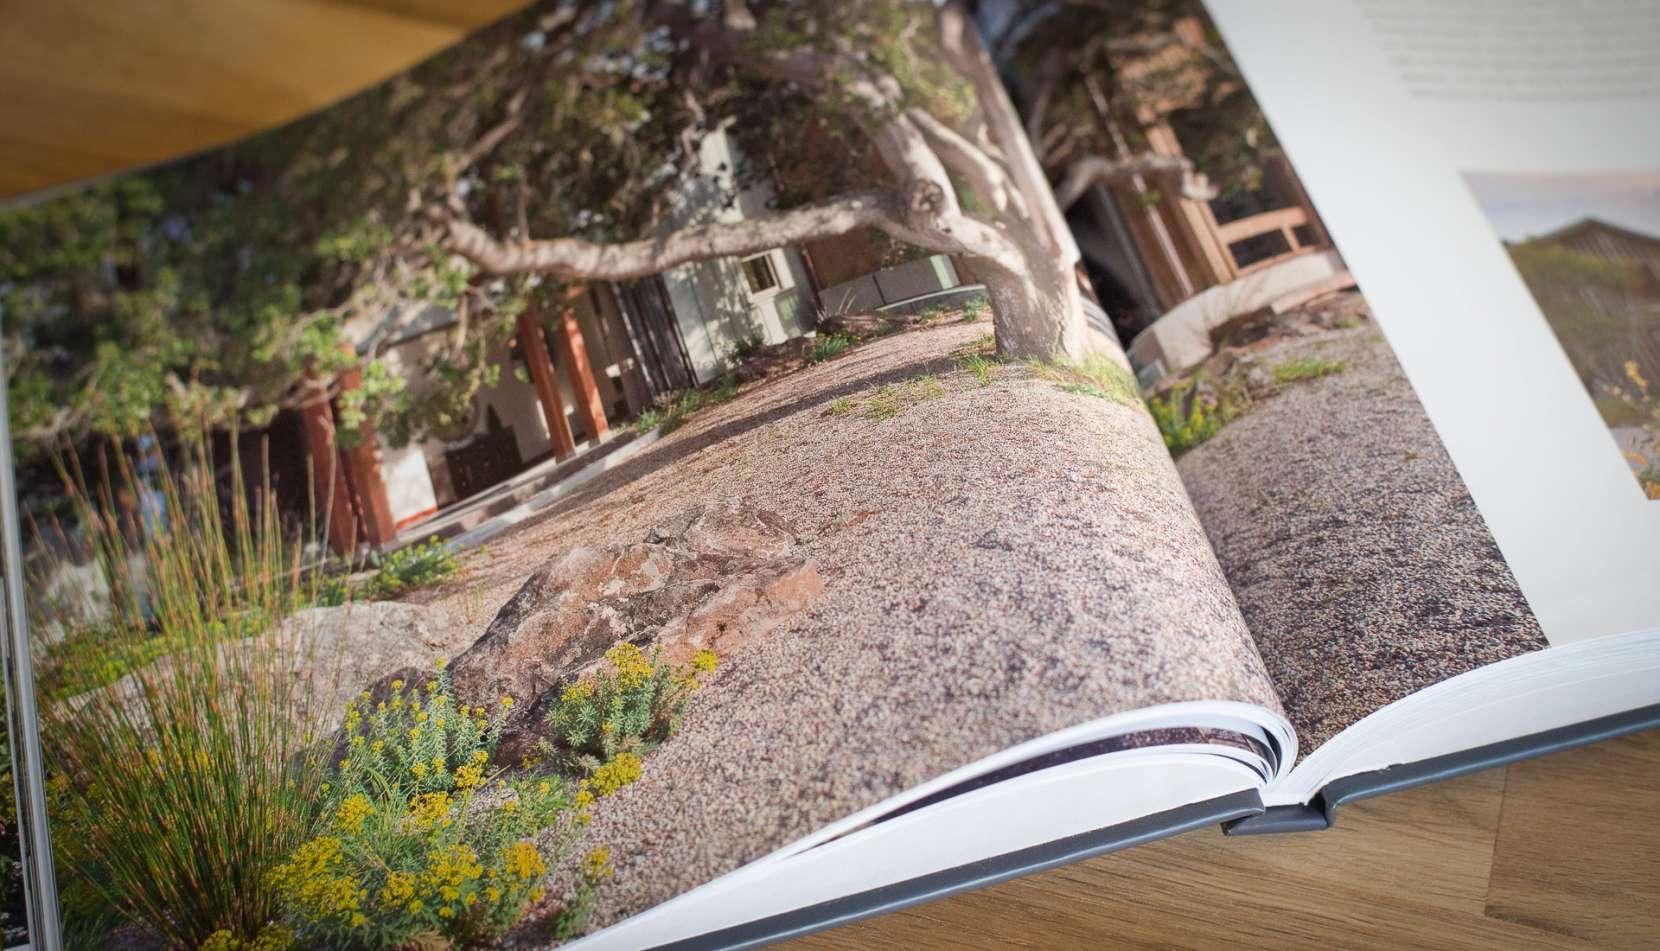 bta-book-6390-1660x951.jpg